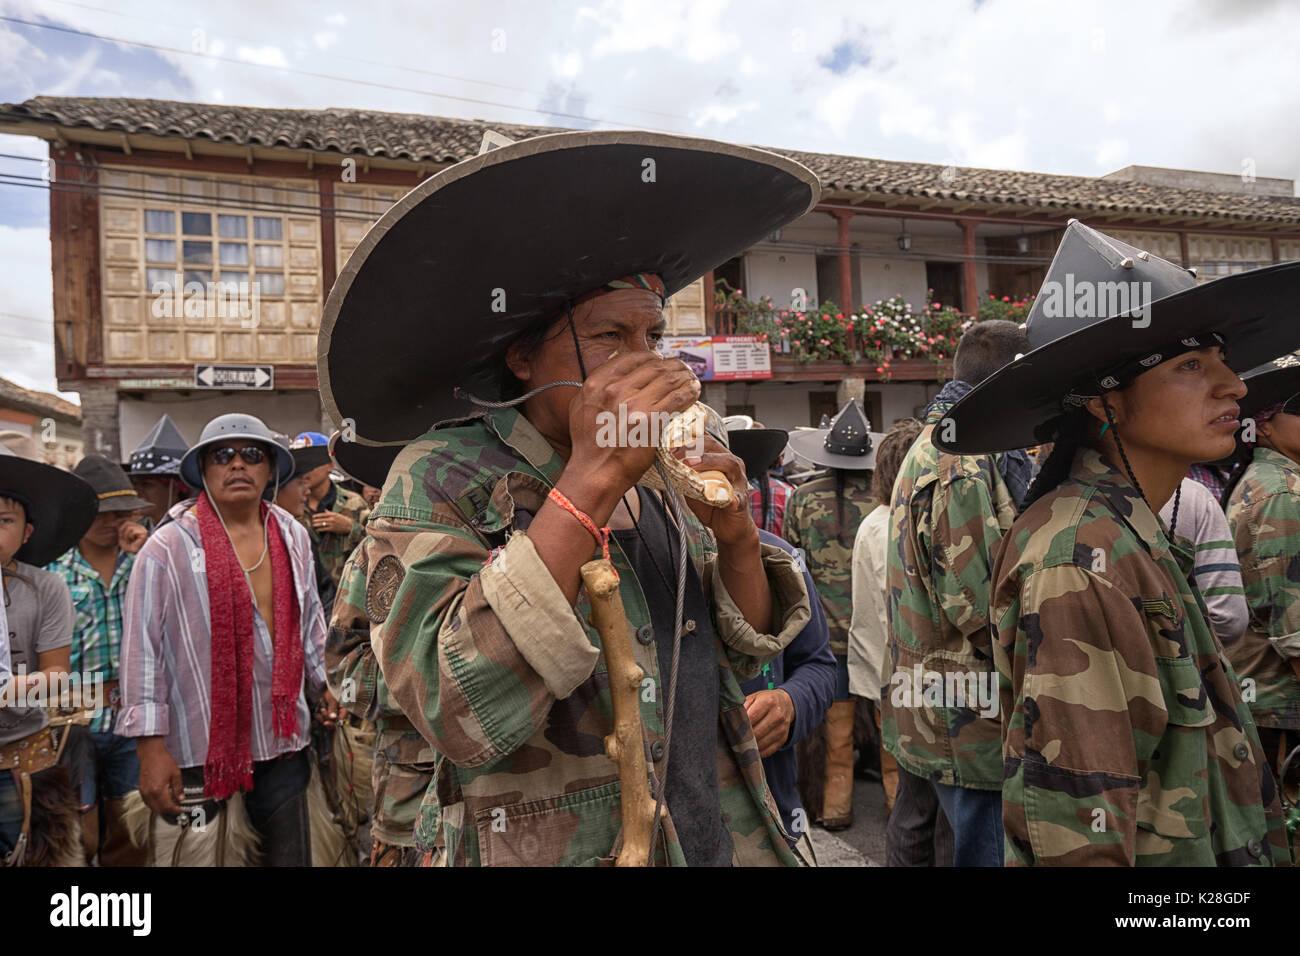 June 25, 2017 Cotacachi, Ecuador: indigenous kichwa man using the seashell horn at the Inti Raymi parade - Stock Image